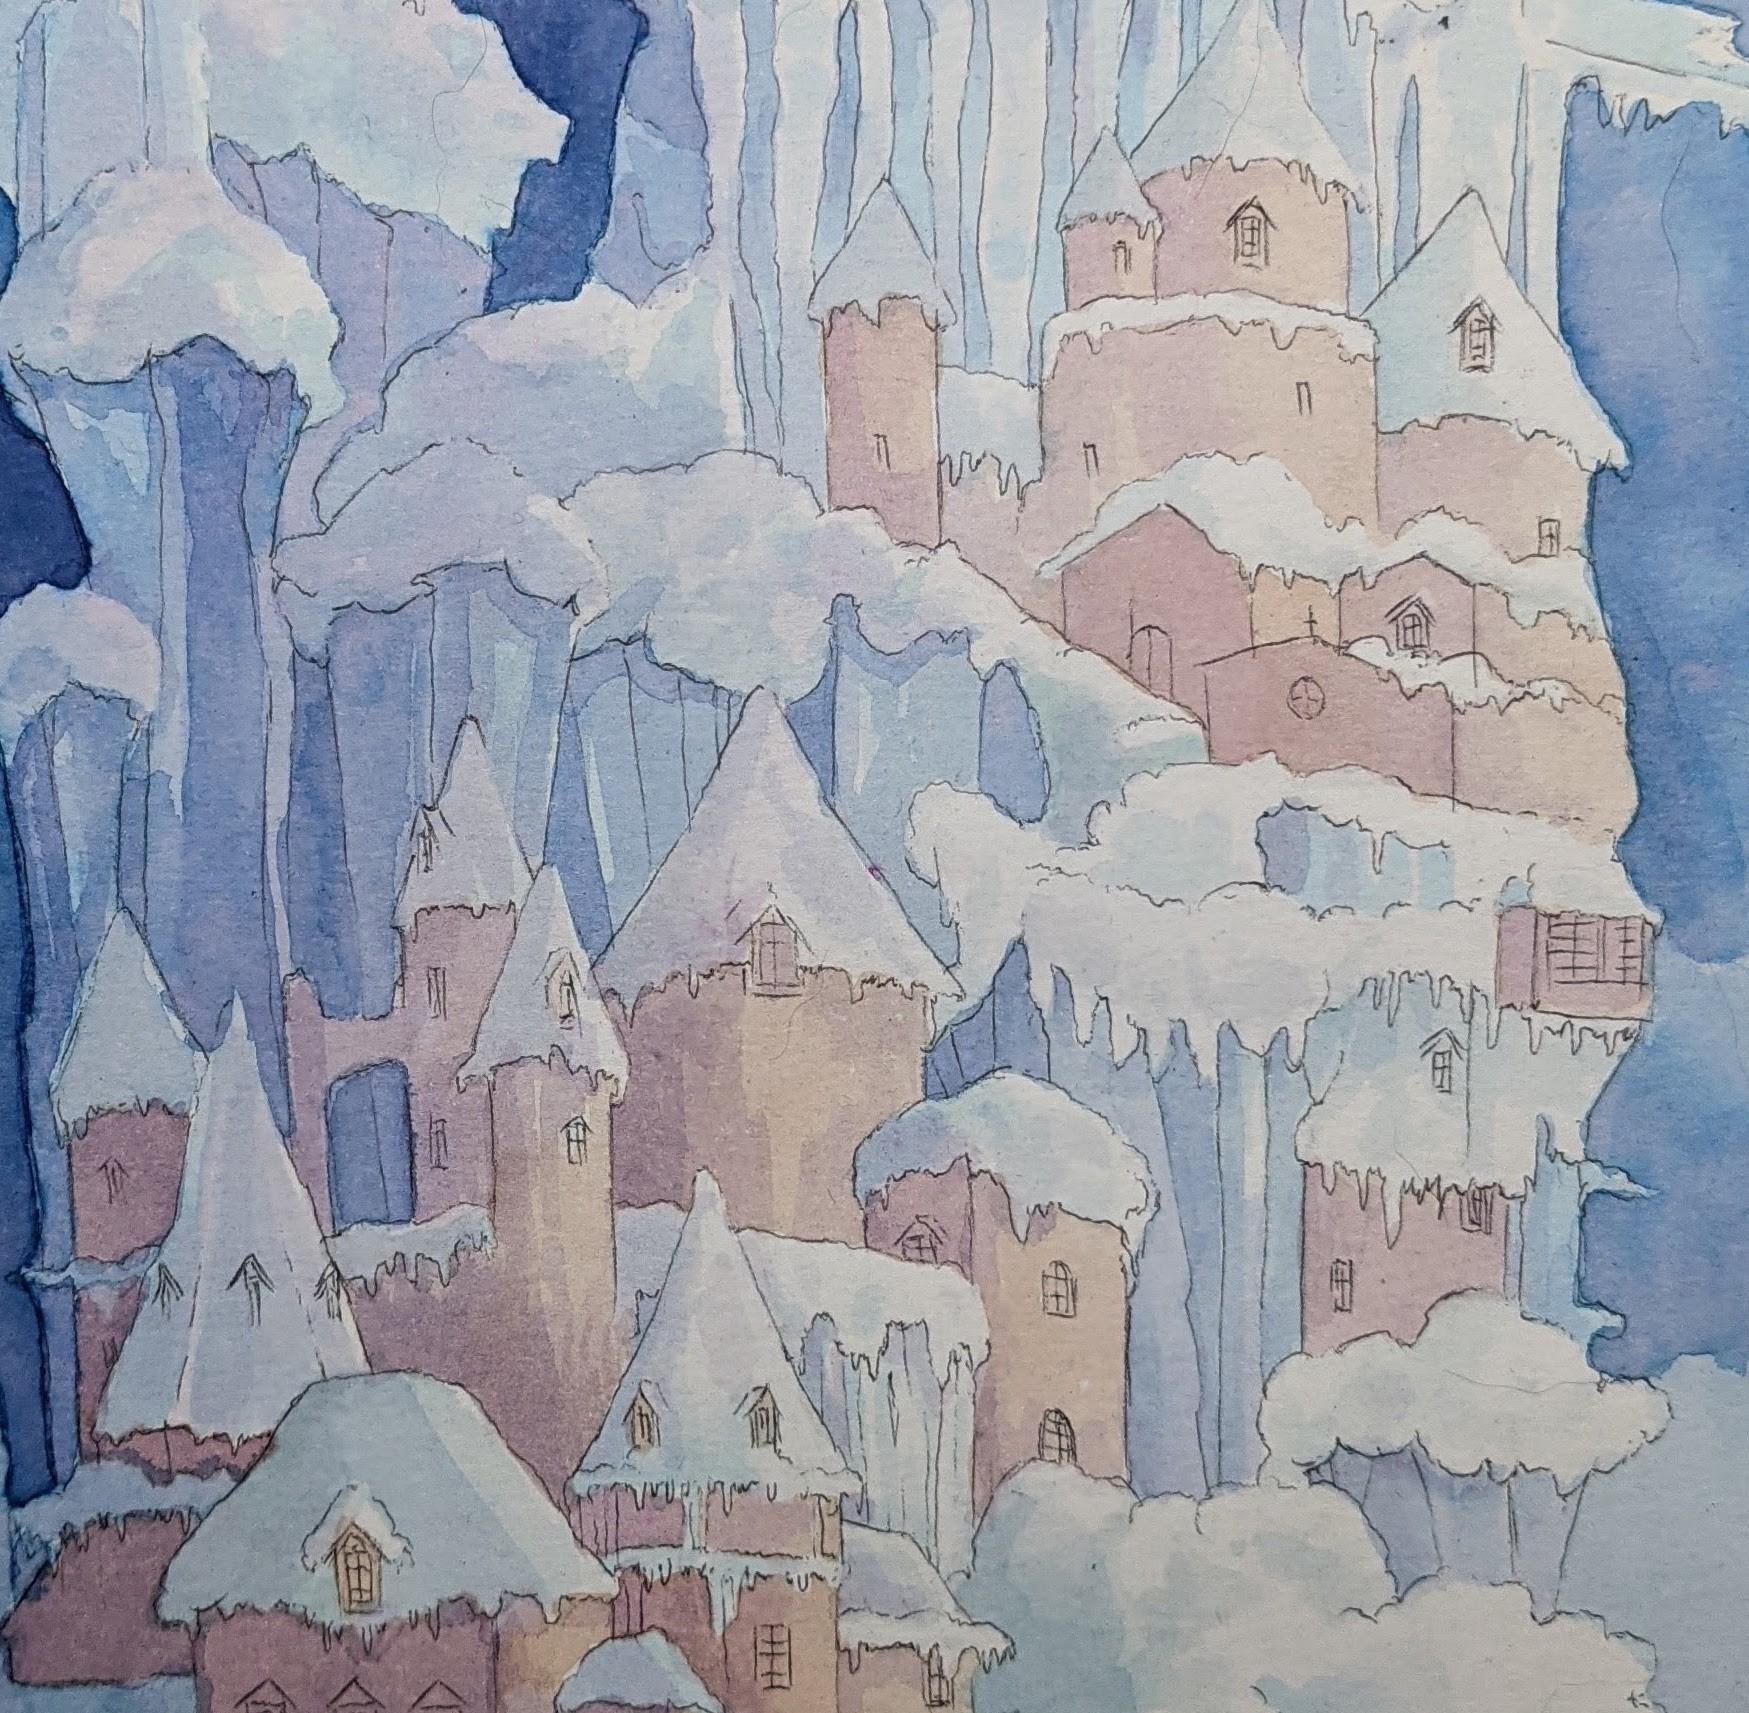 Frozen, 2020 - Audrey Rouvin Galerie JPHT